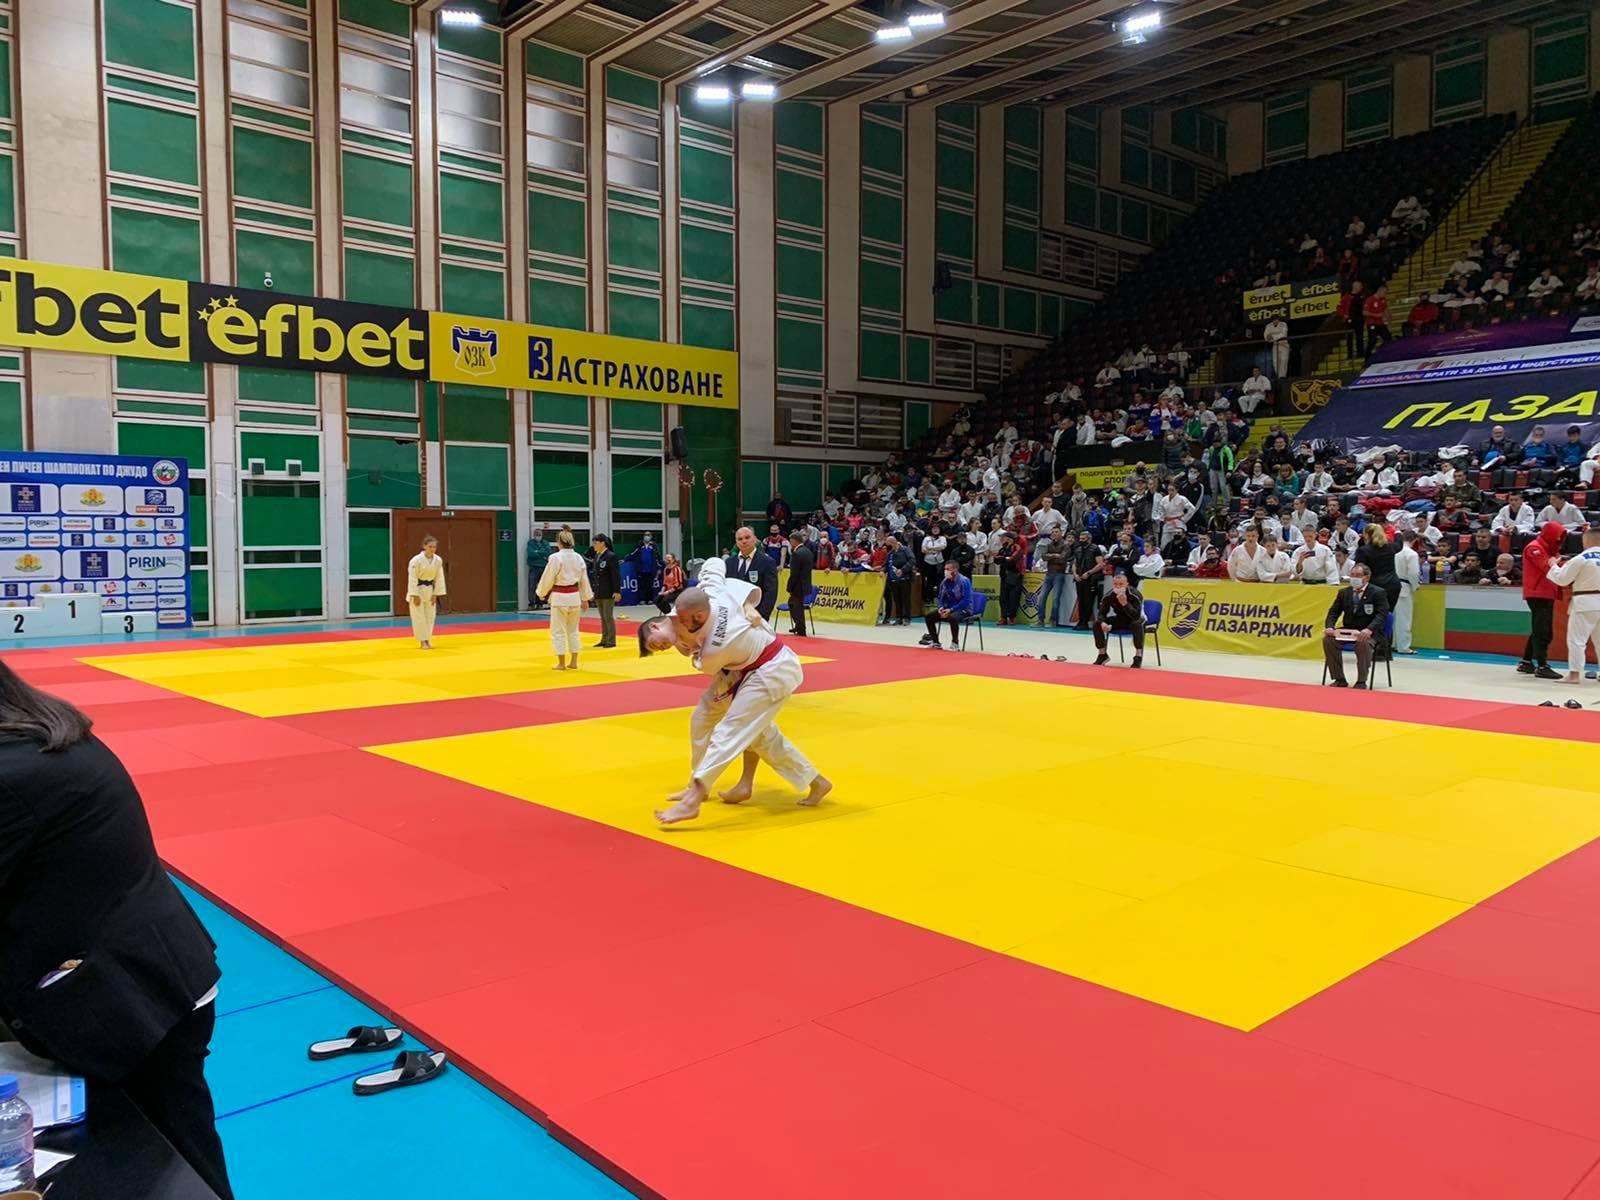 Пазарджик отново прие държавно първенство по джудо